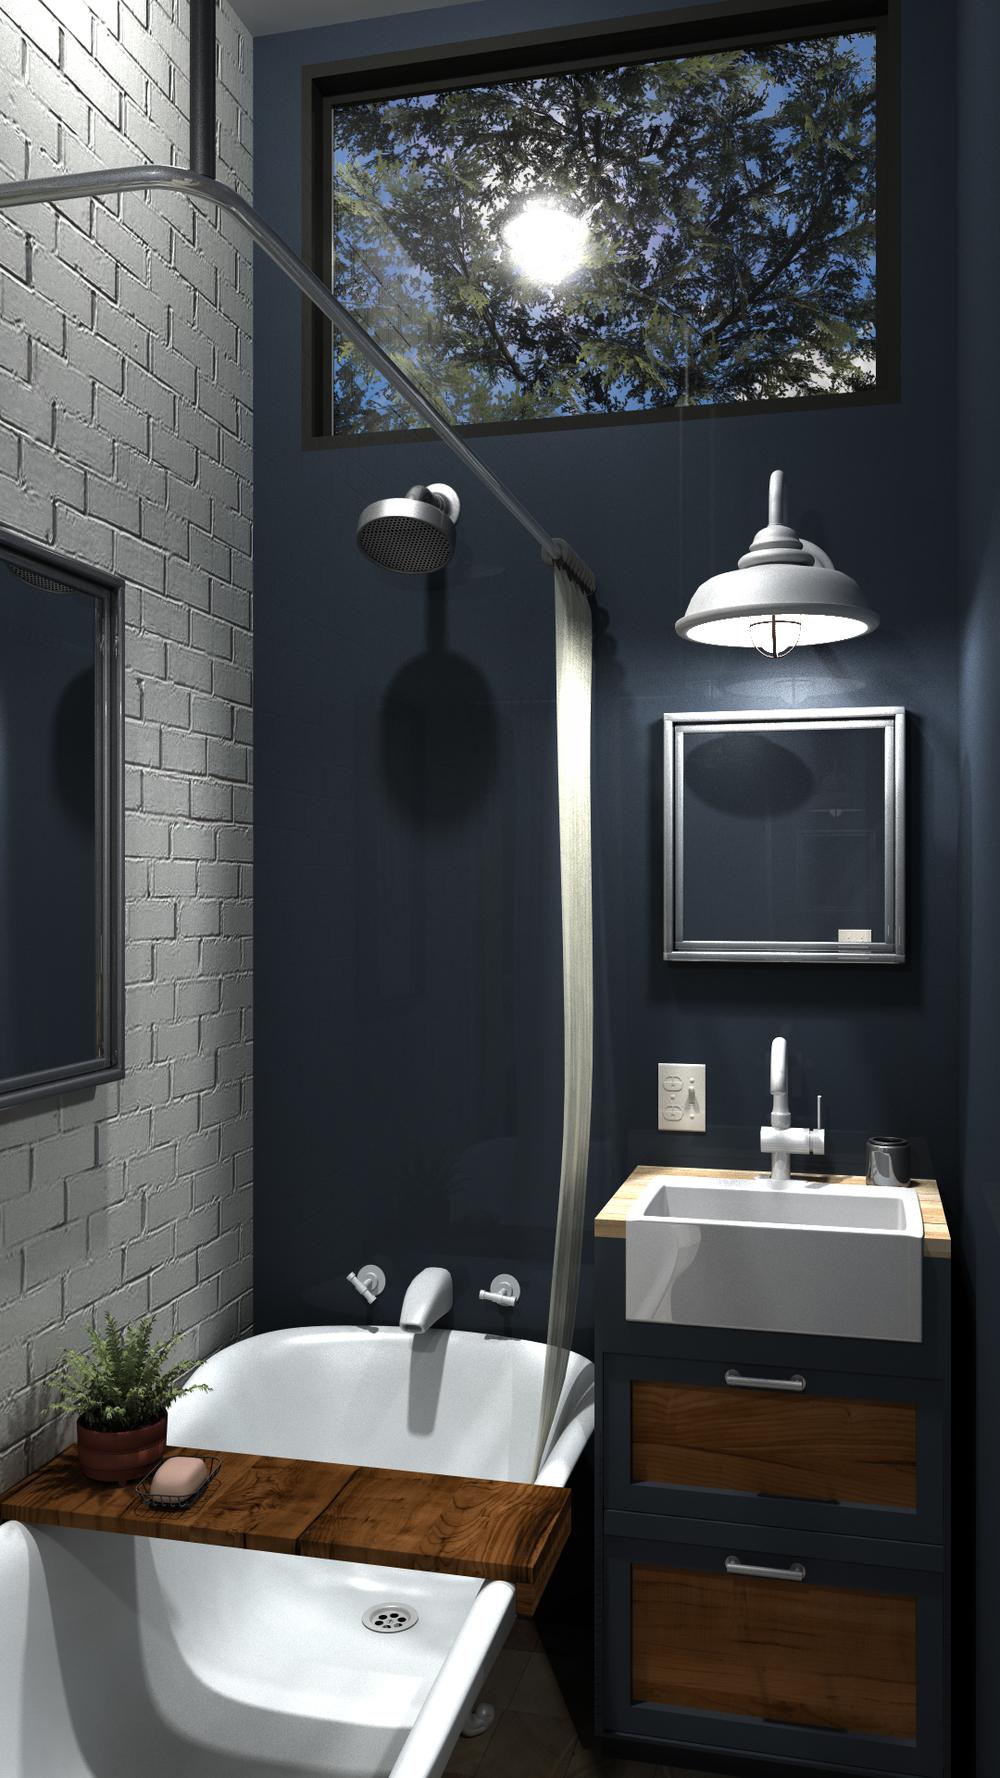 THM_6_Bathroom2.jpg